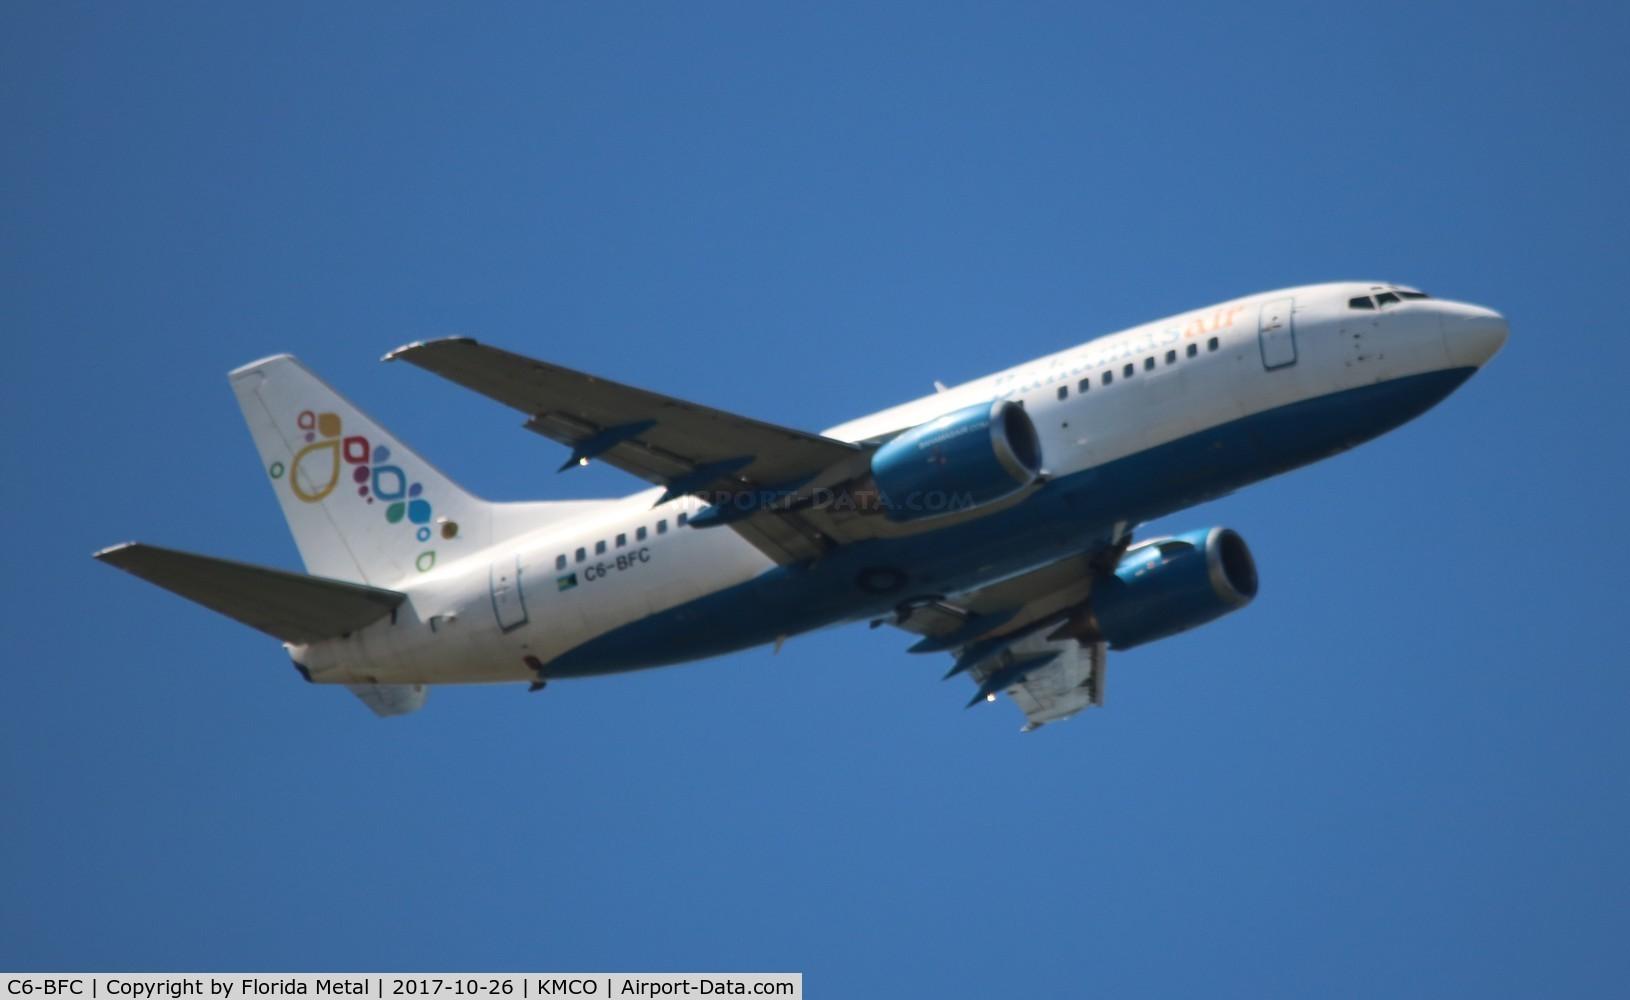 C6-BFC, 1997 Boeing 737-505 C/N 27631, MCO spotting